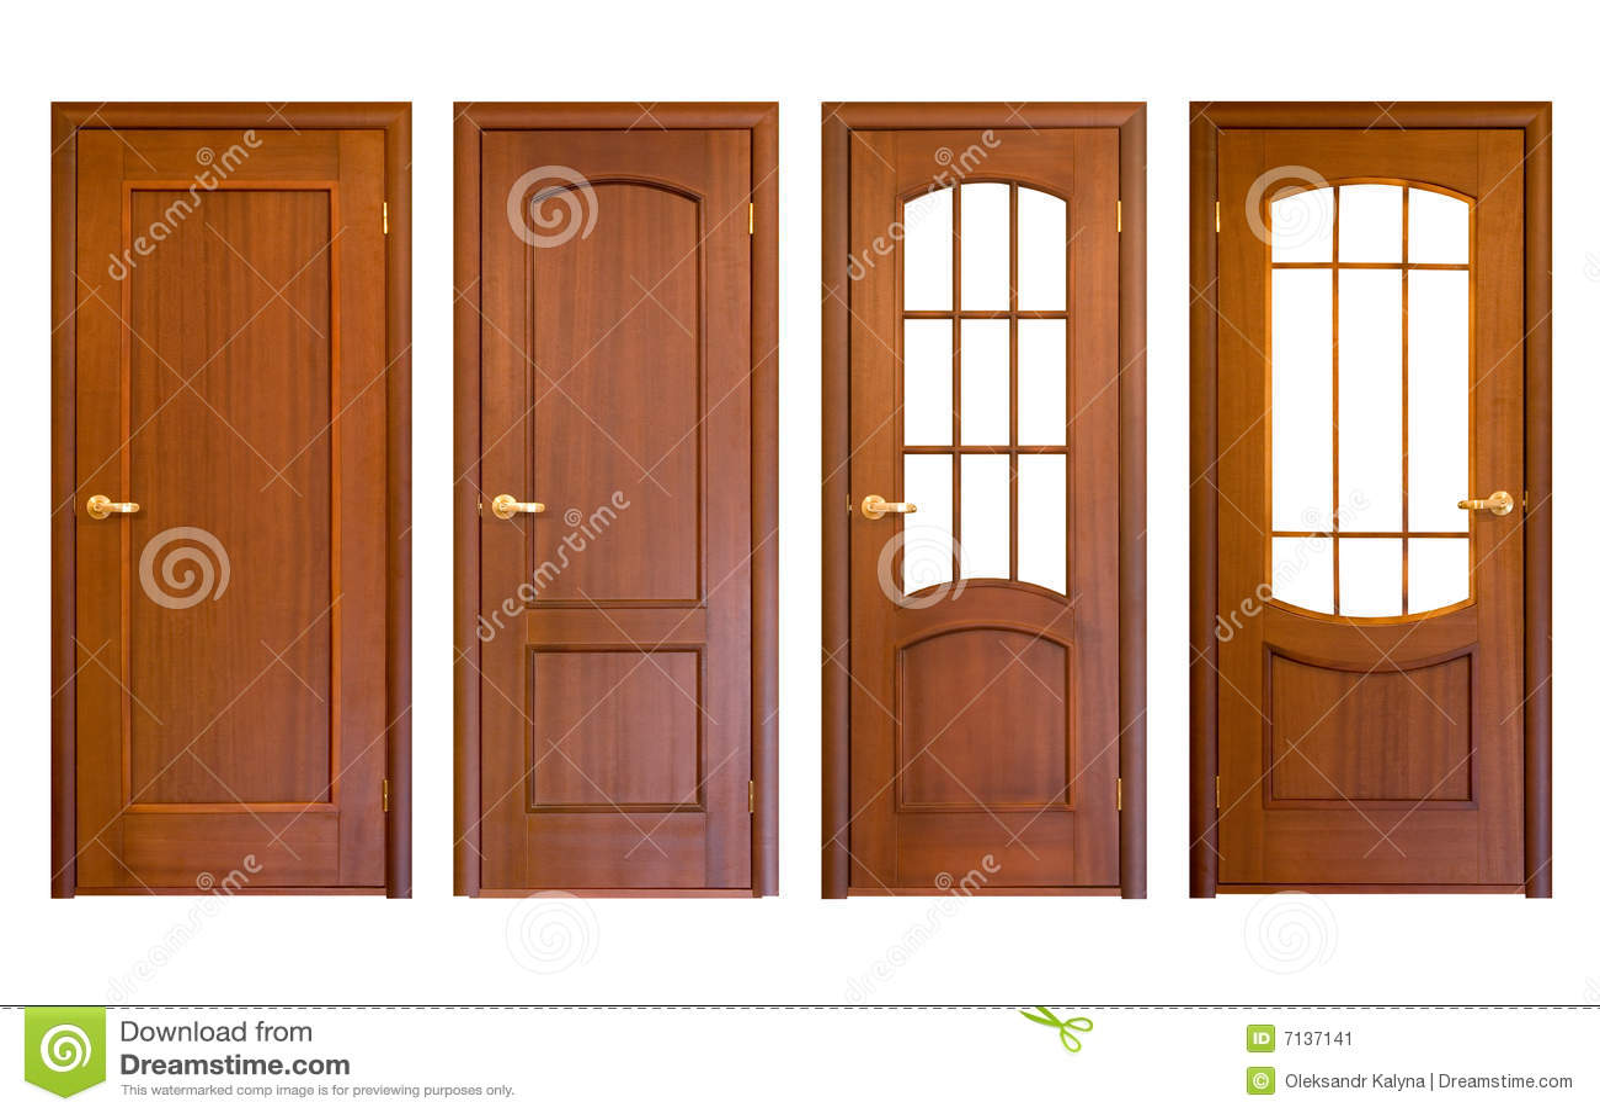 Puertas de madera imagen de archivo imagen de acceso for Puertas de madera easy